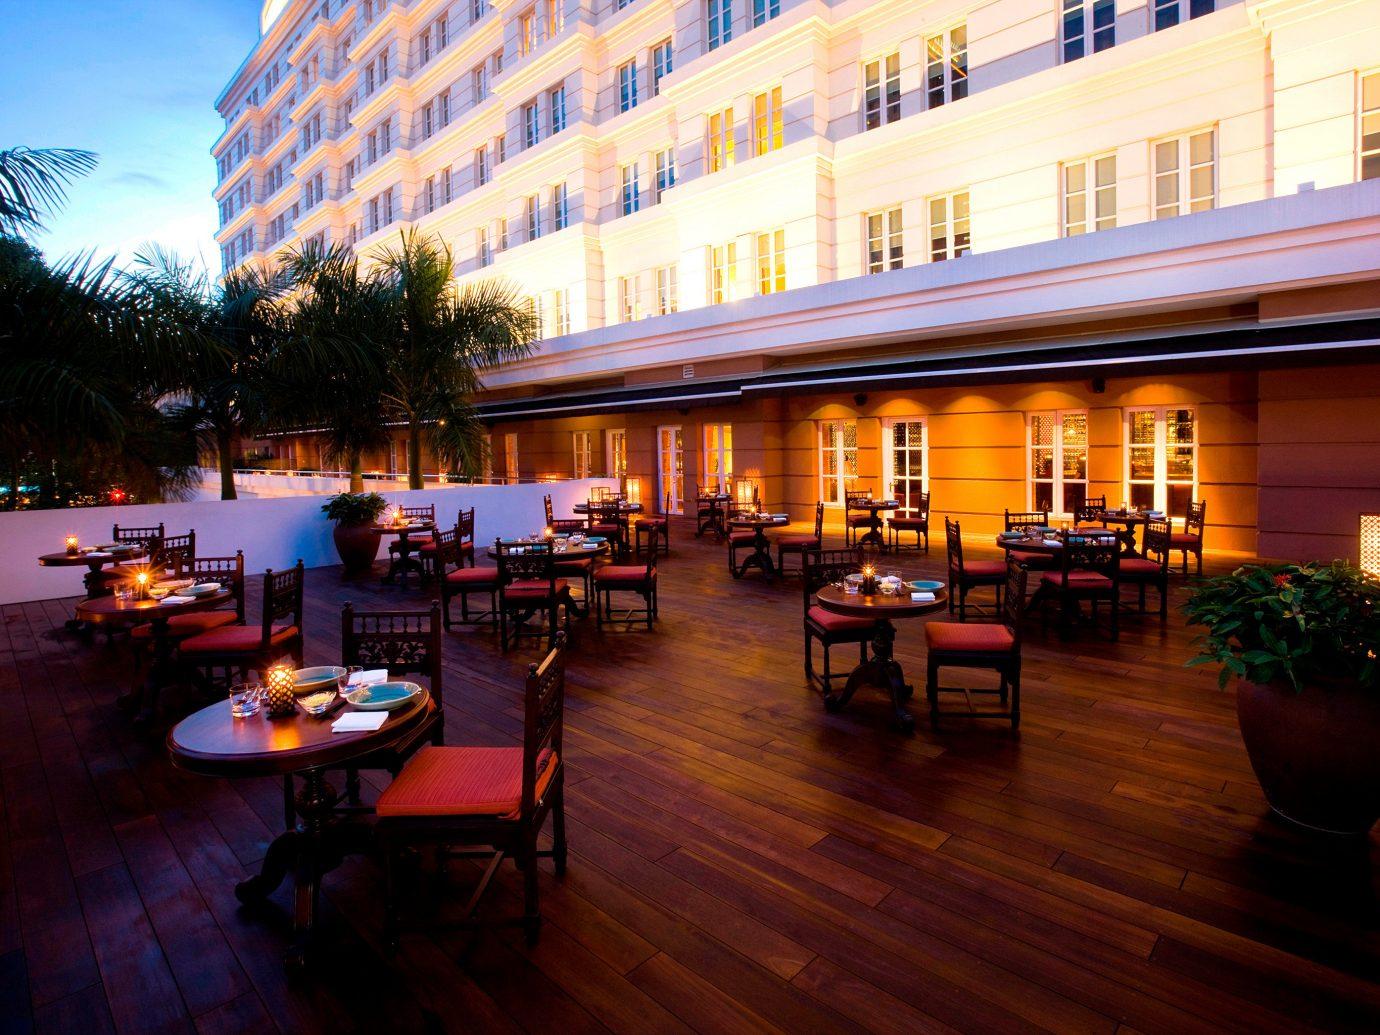 Bar Dining Drink Eat Elegant Food + Drink Lounge Modern Terrace floor building restaurant Resort estate evening hotel several